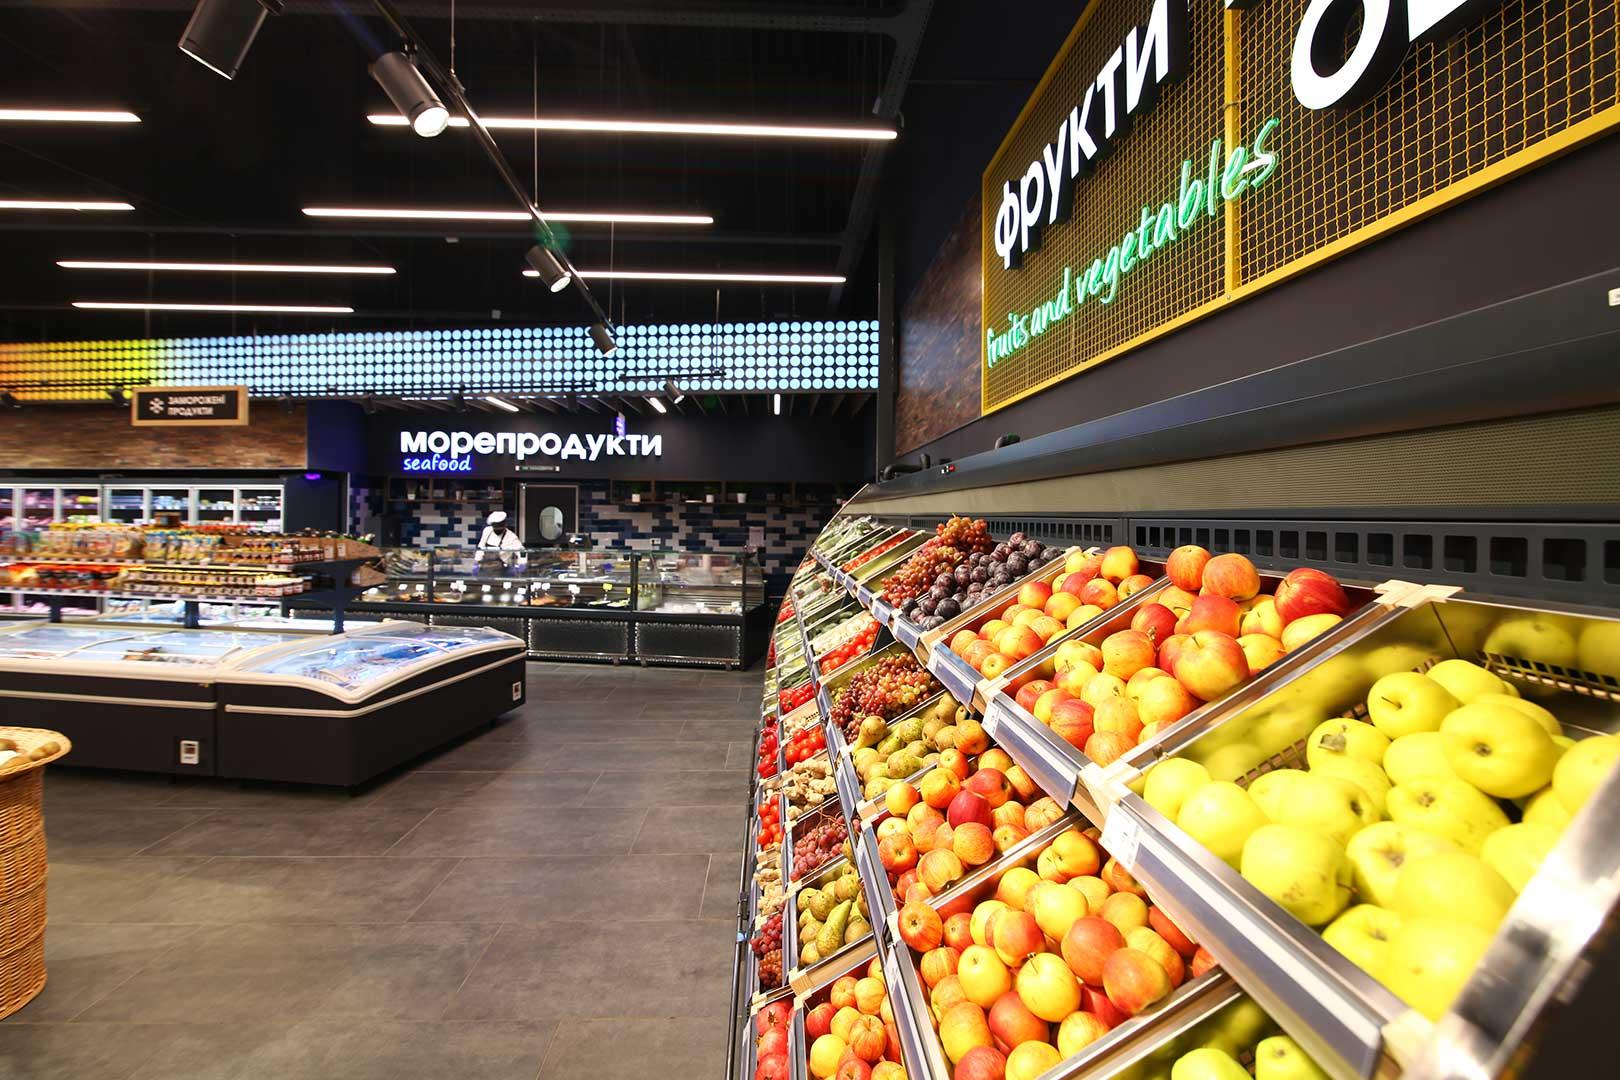 Специализированные витрины для продажи овощей и фруктов Louisiana VF MV 110 VF O 180-DLM